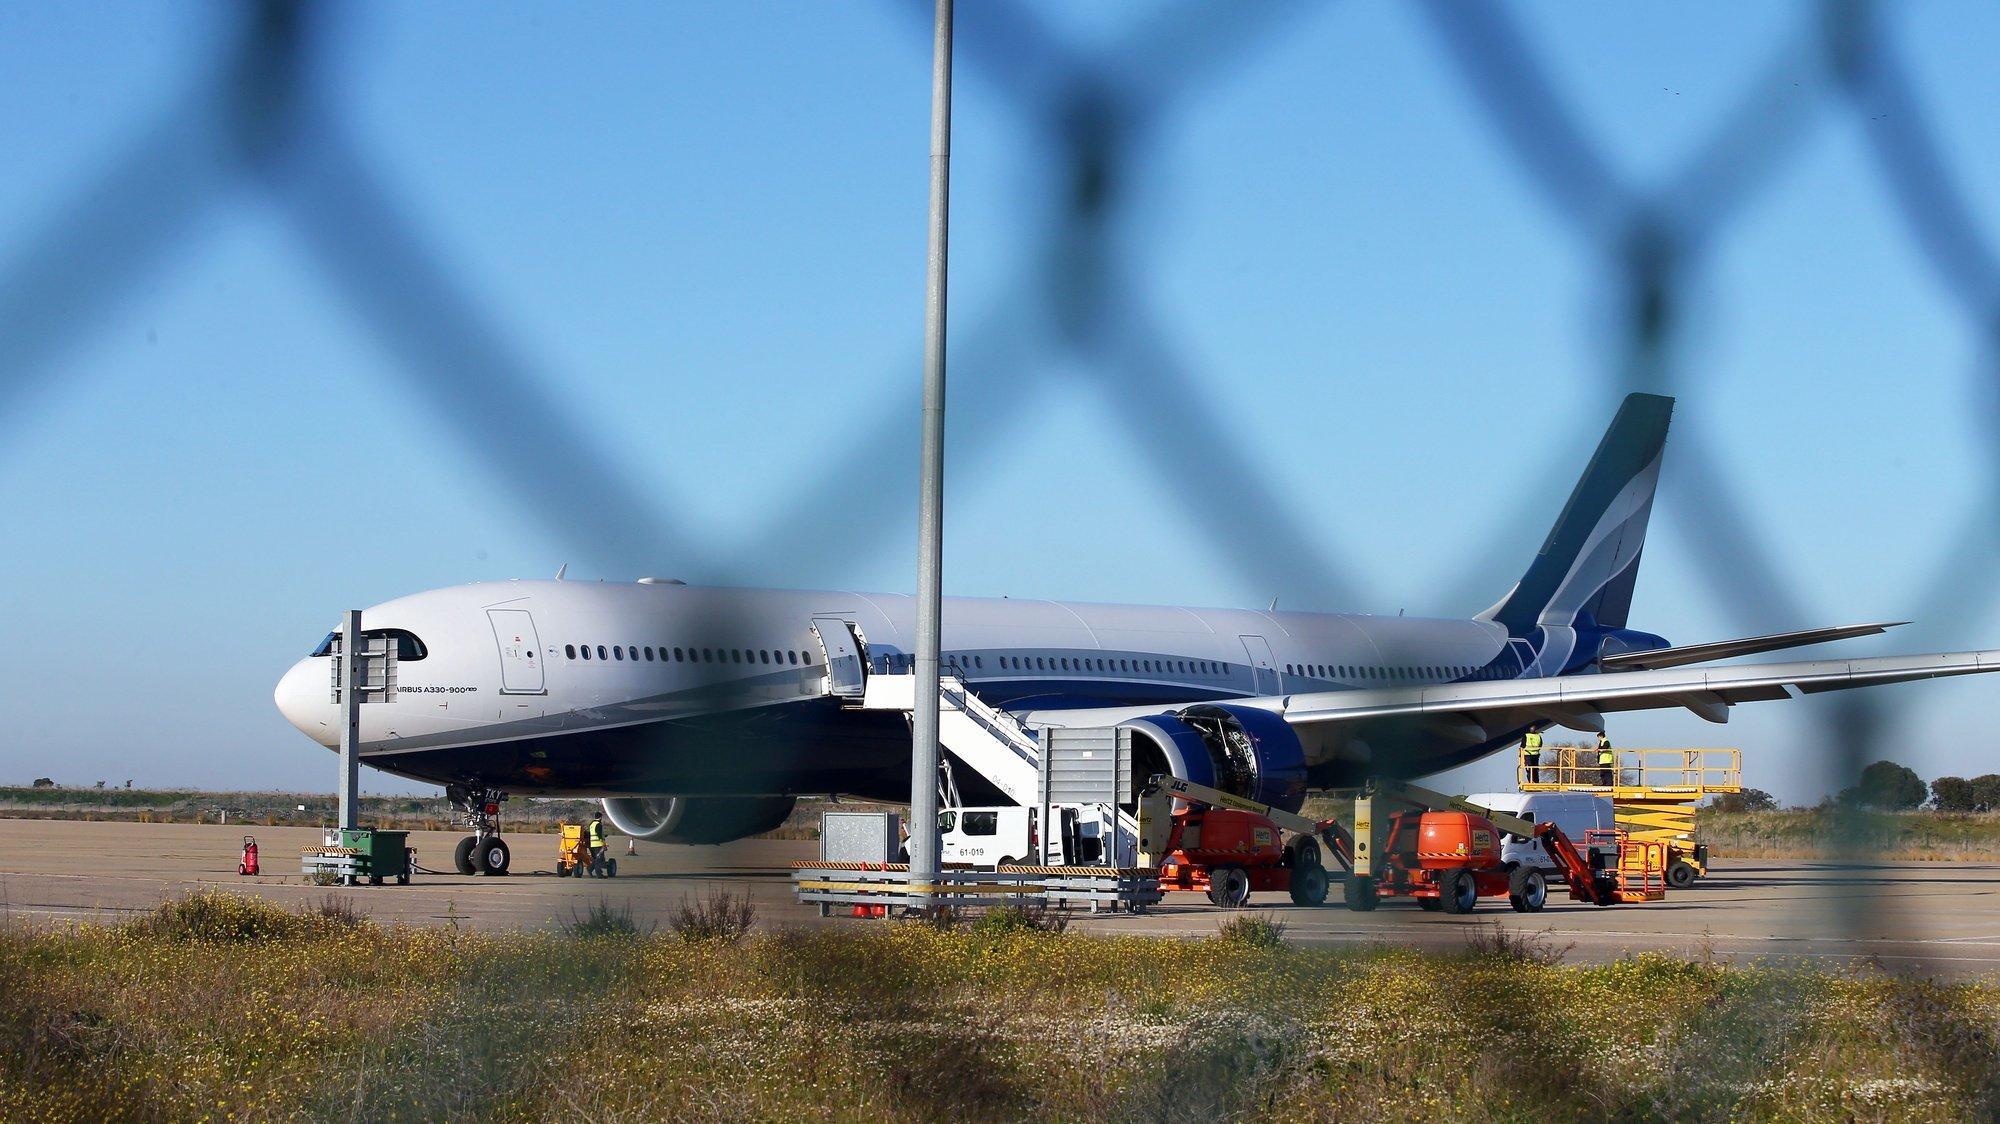 Um avião estacionado no Aeroporto de Beja, 21 de janeiro de 2021. NUNO VEIGA/LUSA